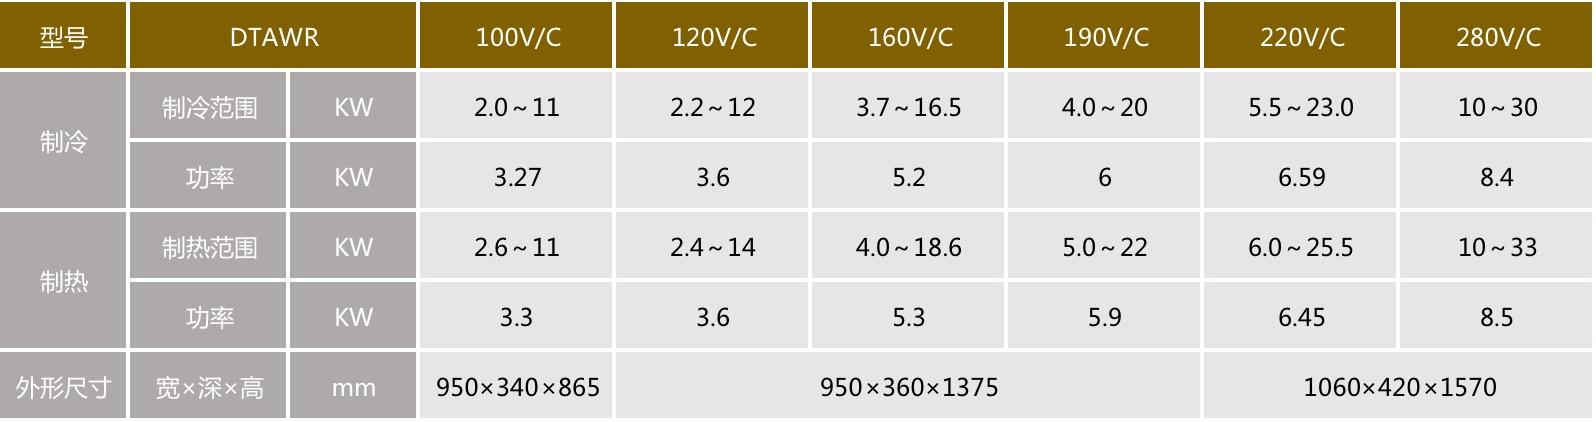 丹特卫顿全变频空气源热泵插图(1)